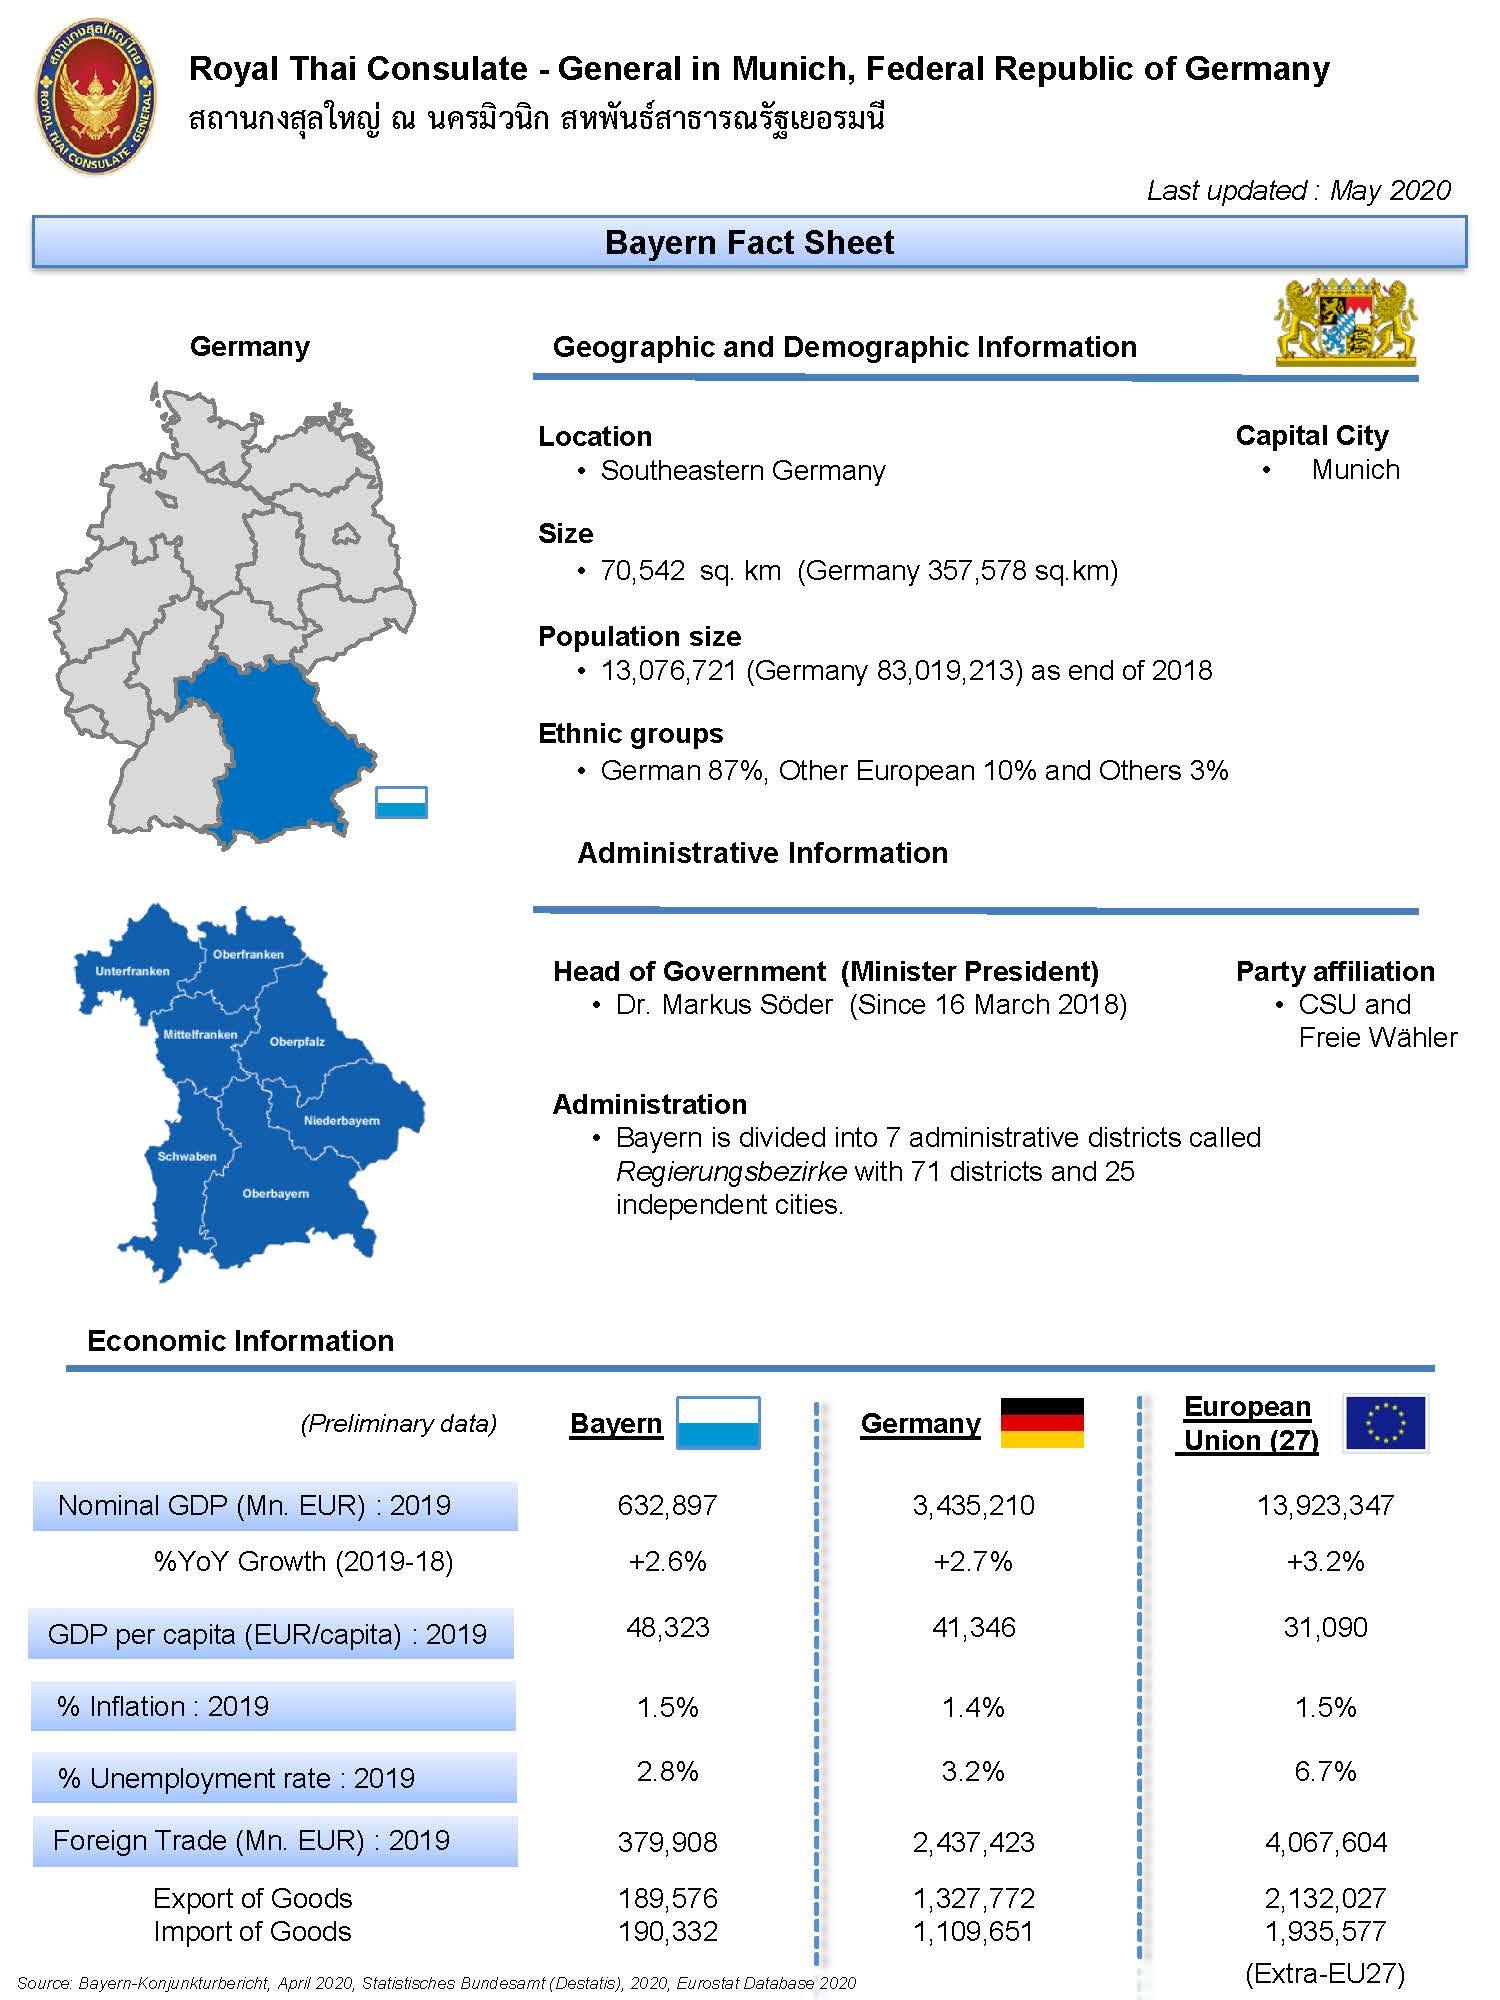 Bayern_Fact_Sheet_as_of_May_2020_Page_1